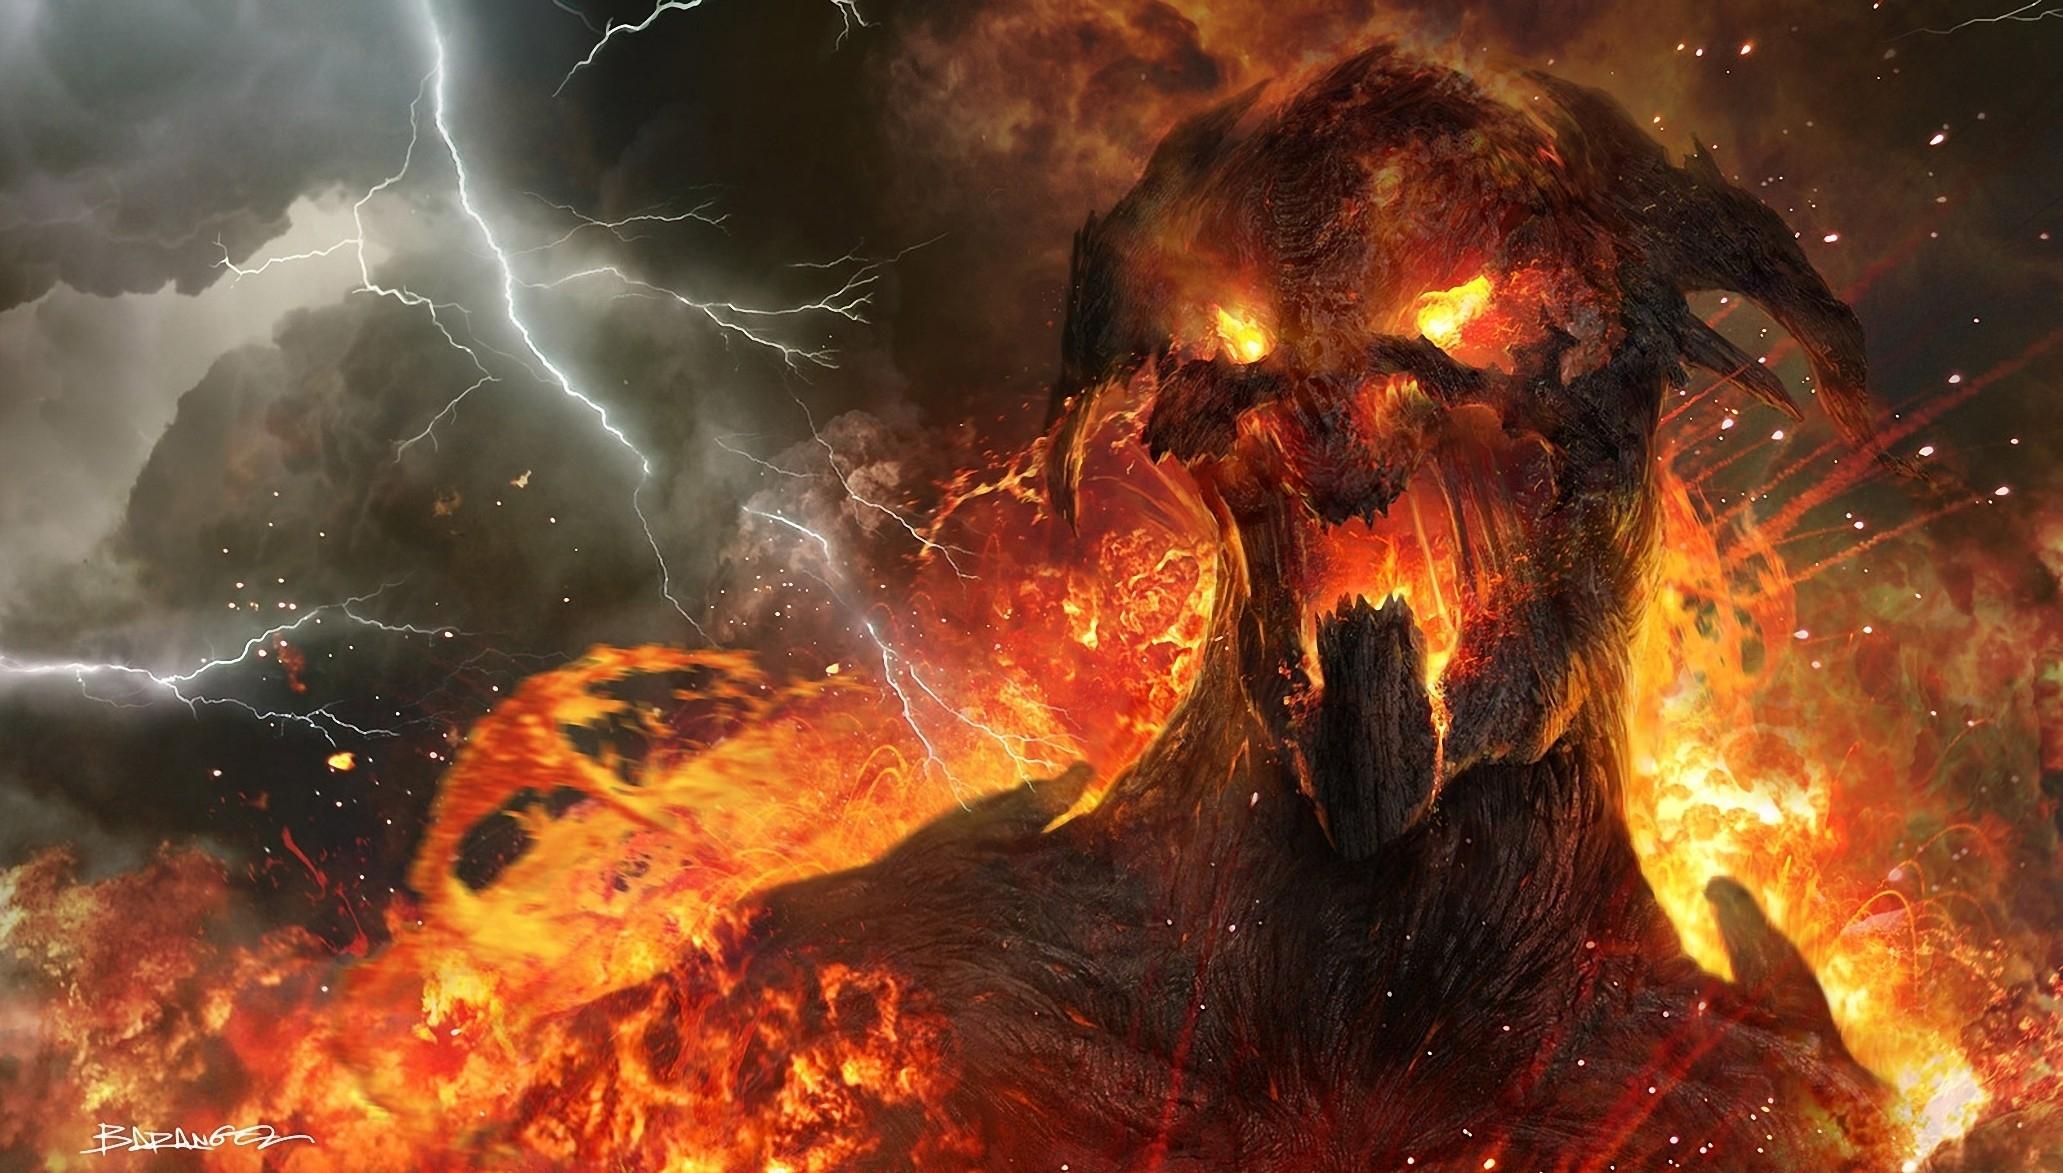 Wrath Of The Titans Monsters Demon Full HD Wallpape...